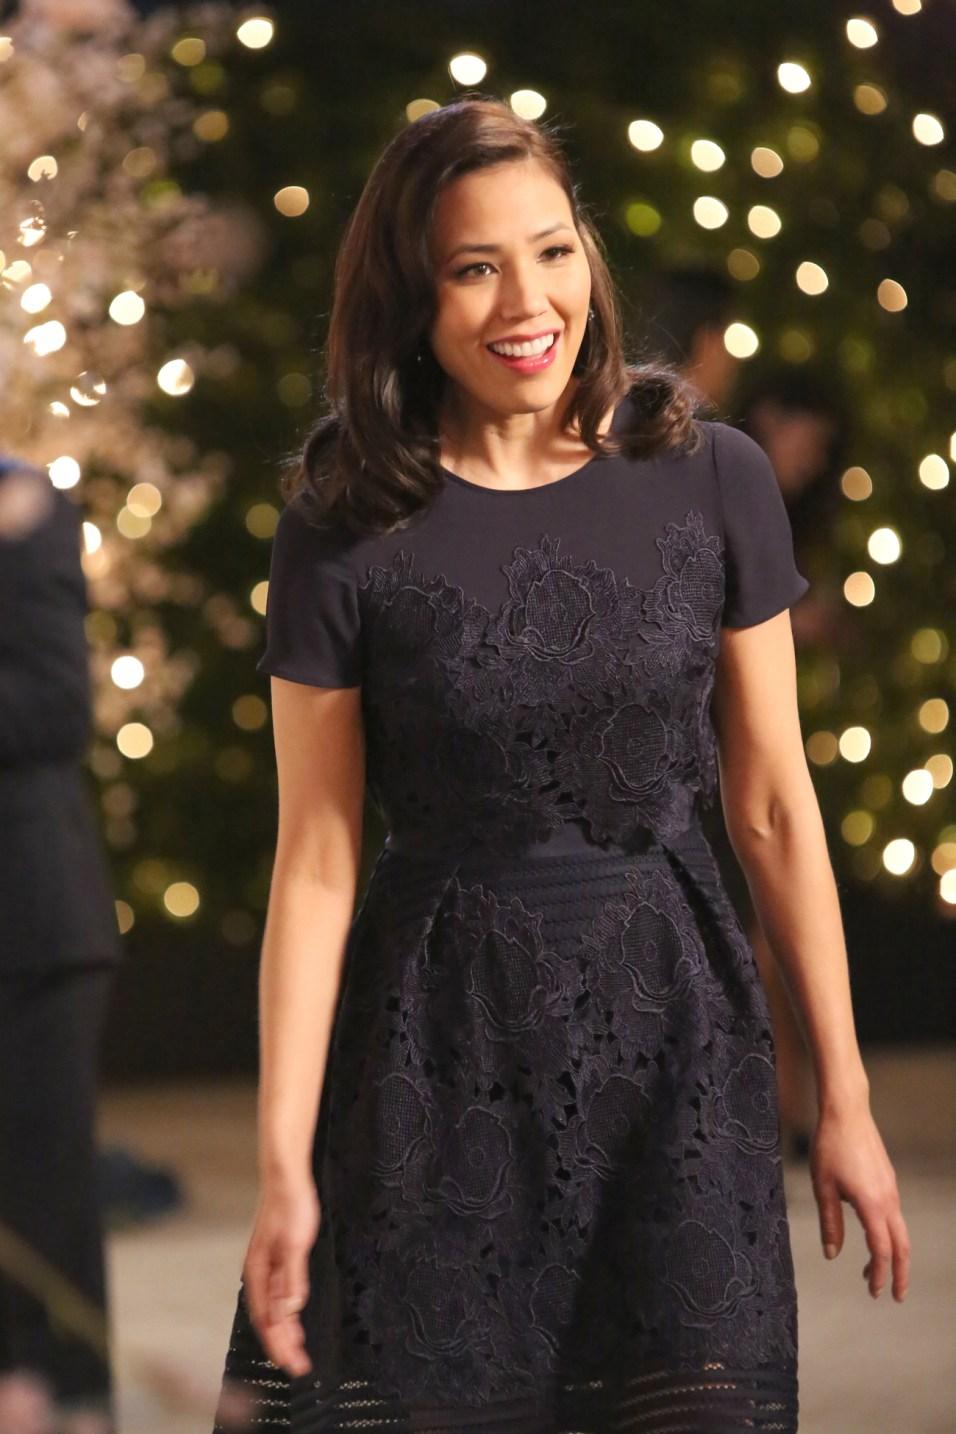 Bones 12x11 - Angela Montenegro (Michaela Conlin) esce dalla sala dove si svolge il matrimonio di Cam e Arastoo per incontrare Avalon